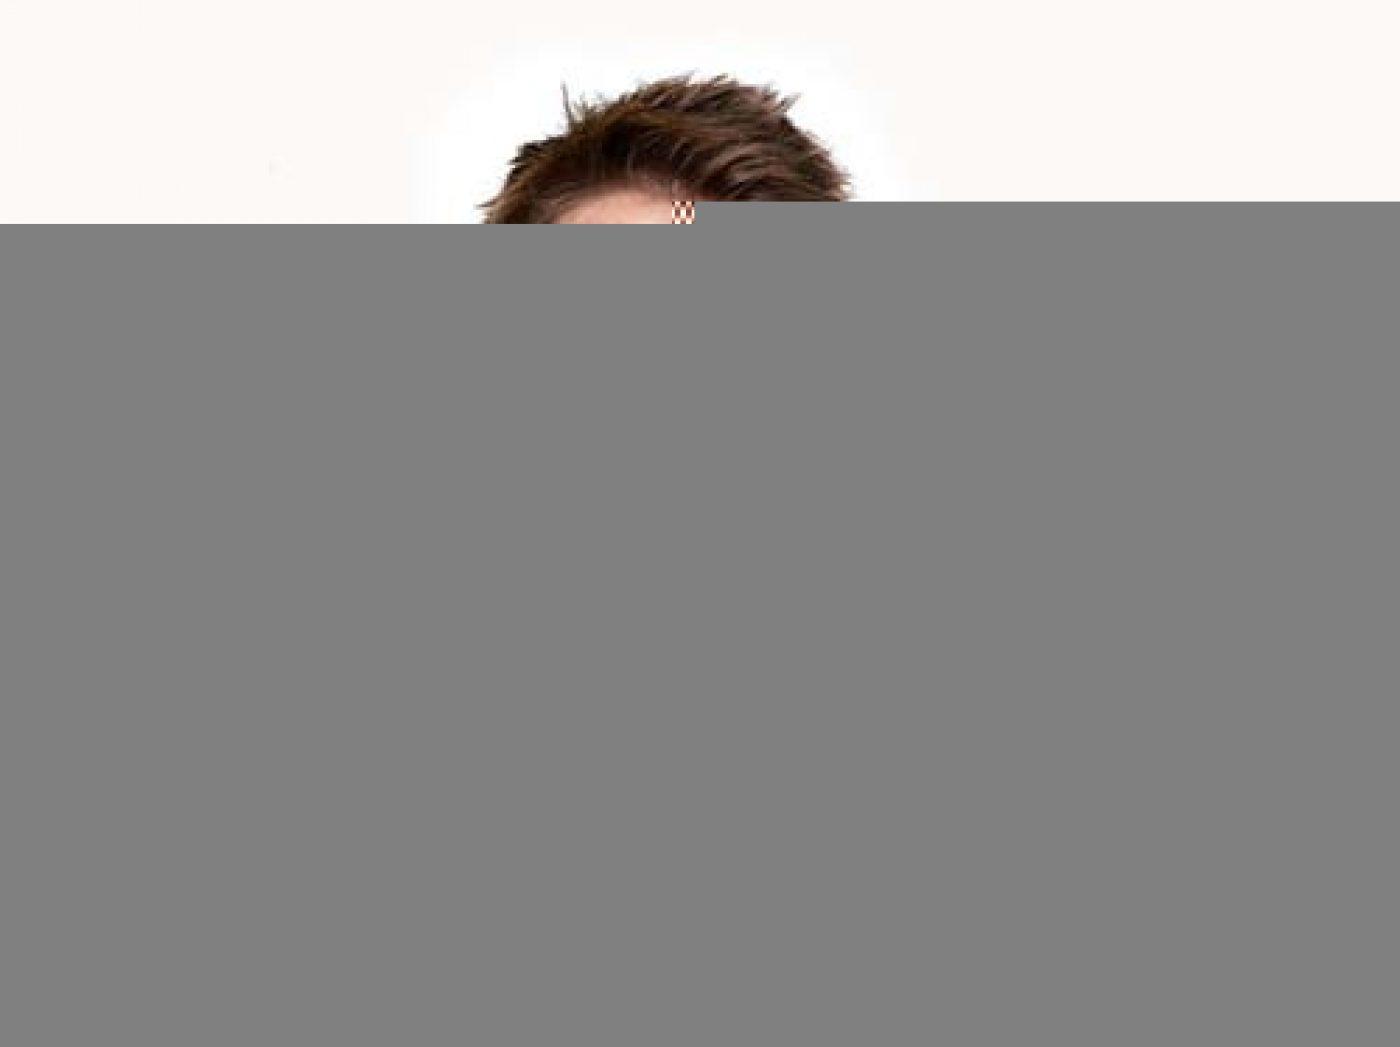 Pdc0306 Jonathan Hindley